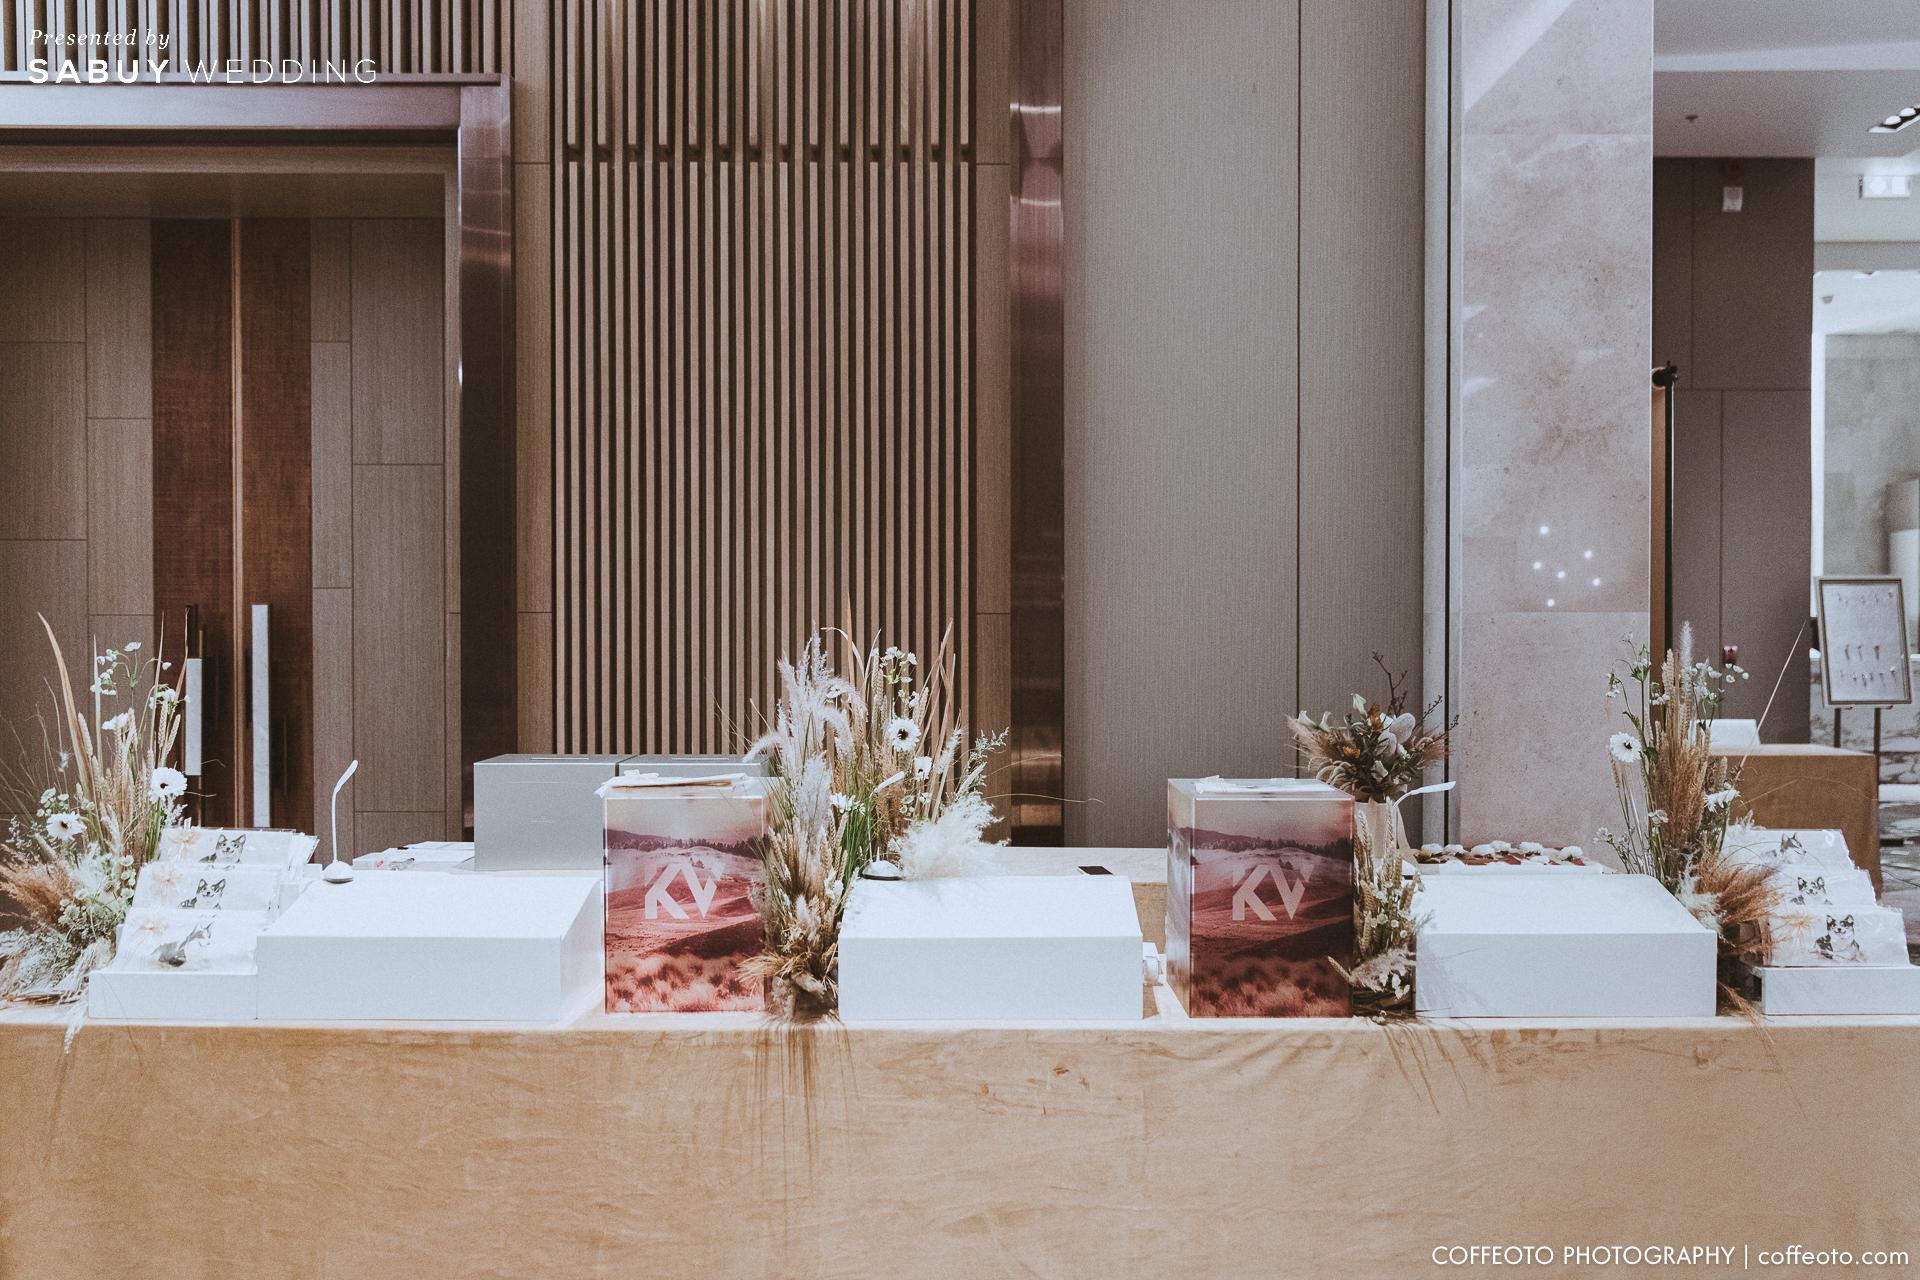 ตกแต่งงานแต่งงาน,งานแต่งงาน,ladawan รีวิวงานแต่งโรแมนติก จำลองหมู่บ้าน Cotswold ของอังกฤษมาไว้ในงาน @ Hotel Nikko Bangkok